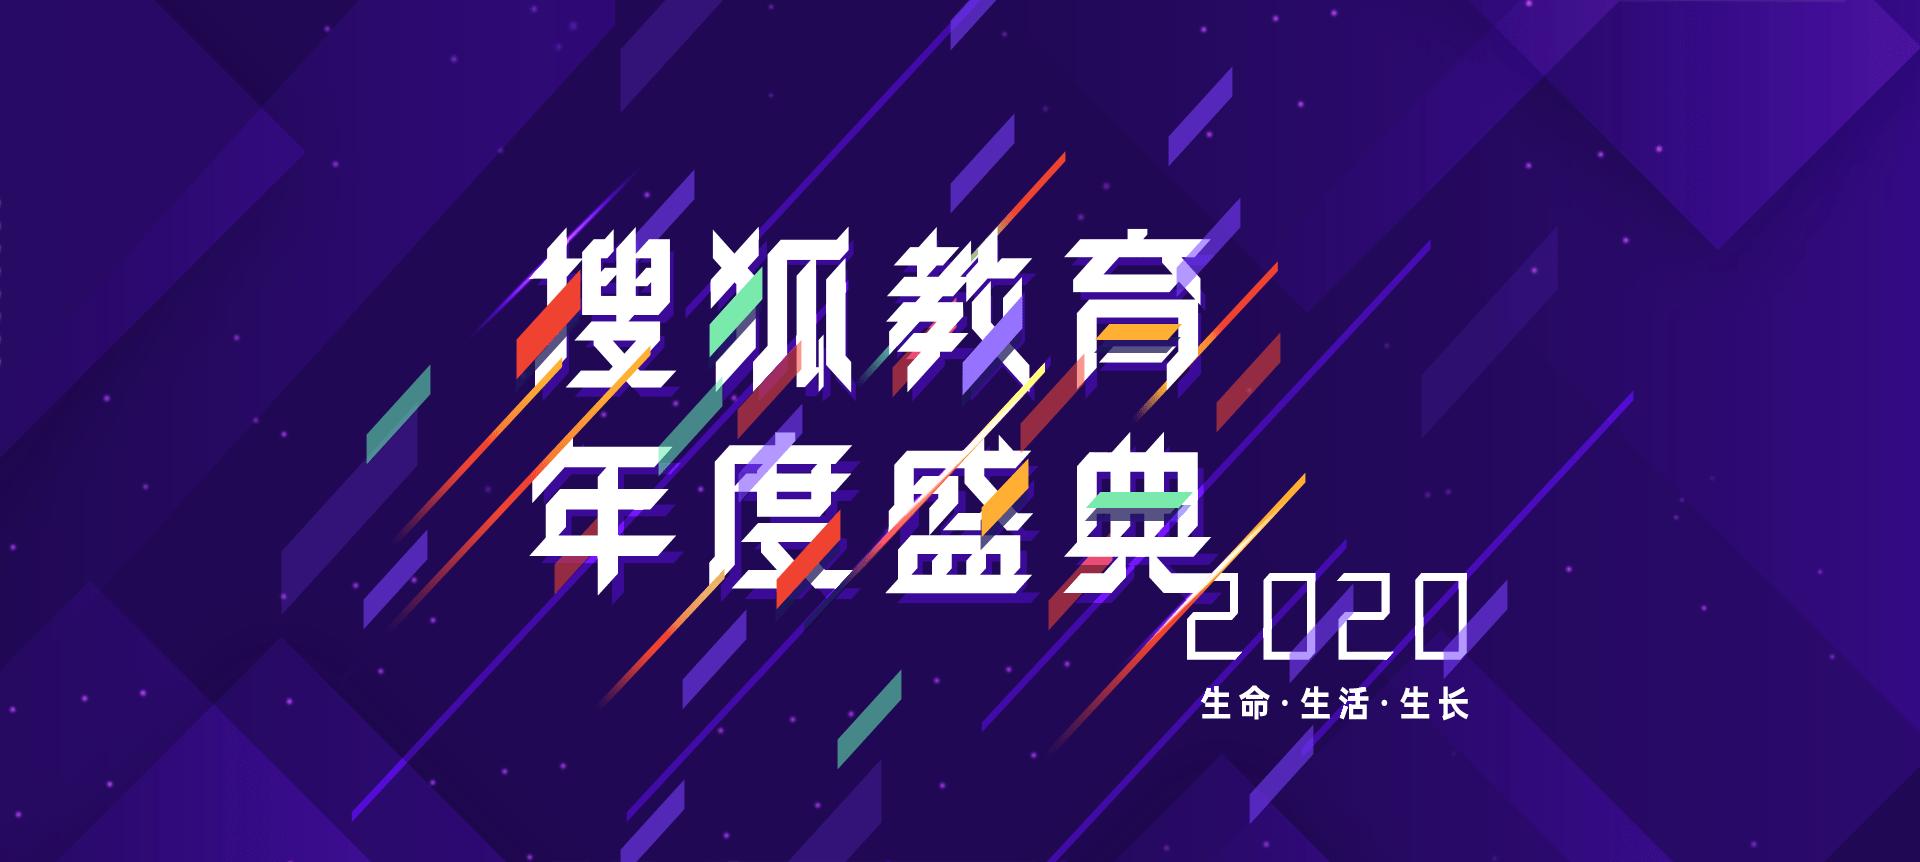 2020搜狐教育年度盛典主题发布:生命 生活 生长